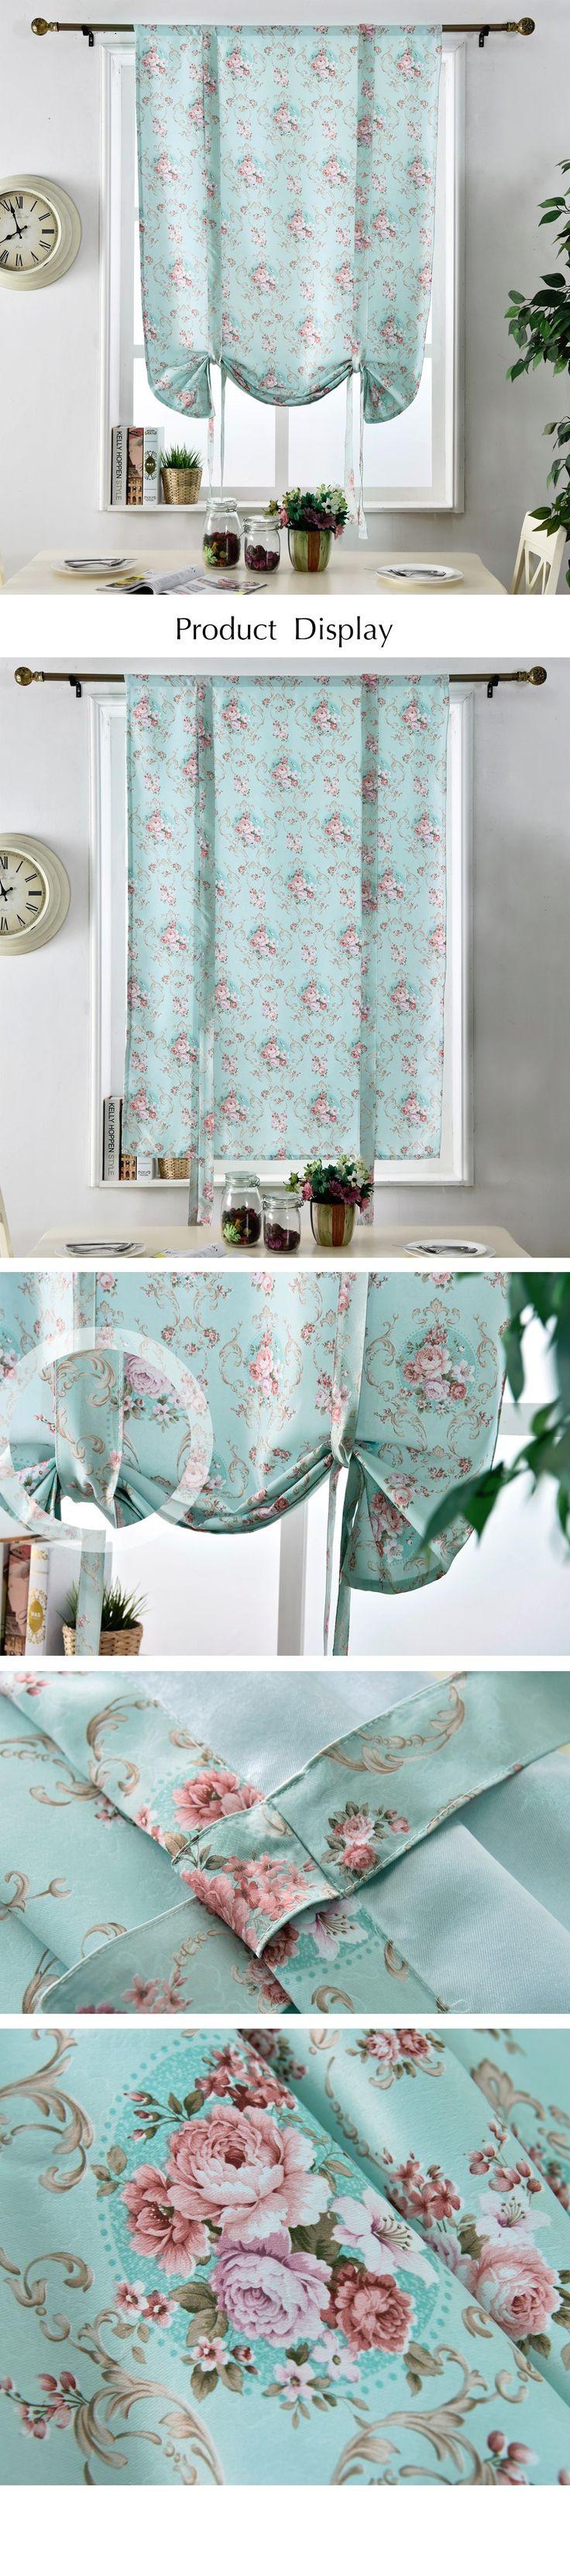 Цветочные римские шторы короткий кухня двери шторы плотные тени короткие обработки окна современной гостиной спальня панели рустик купить на AliExpress